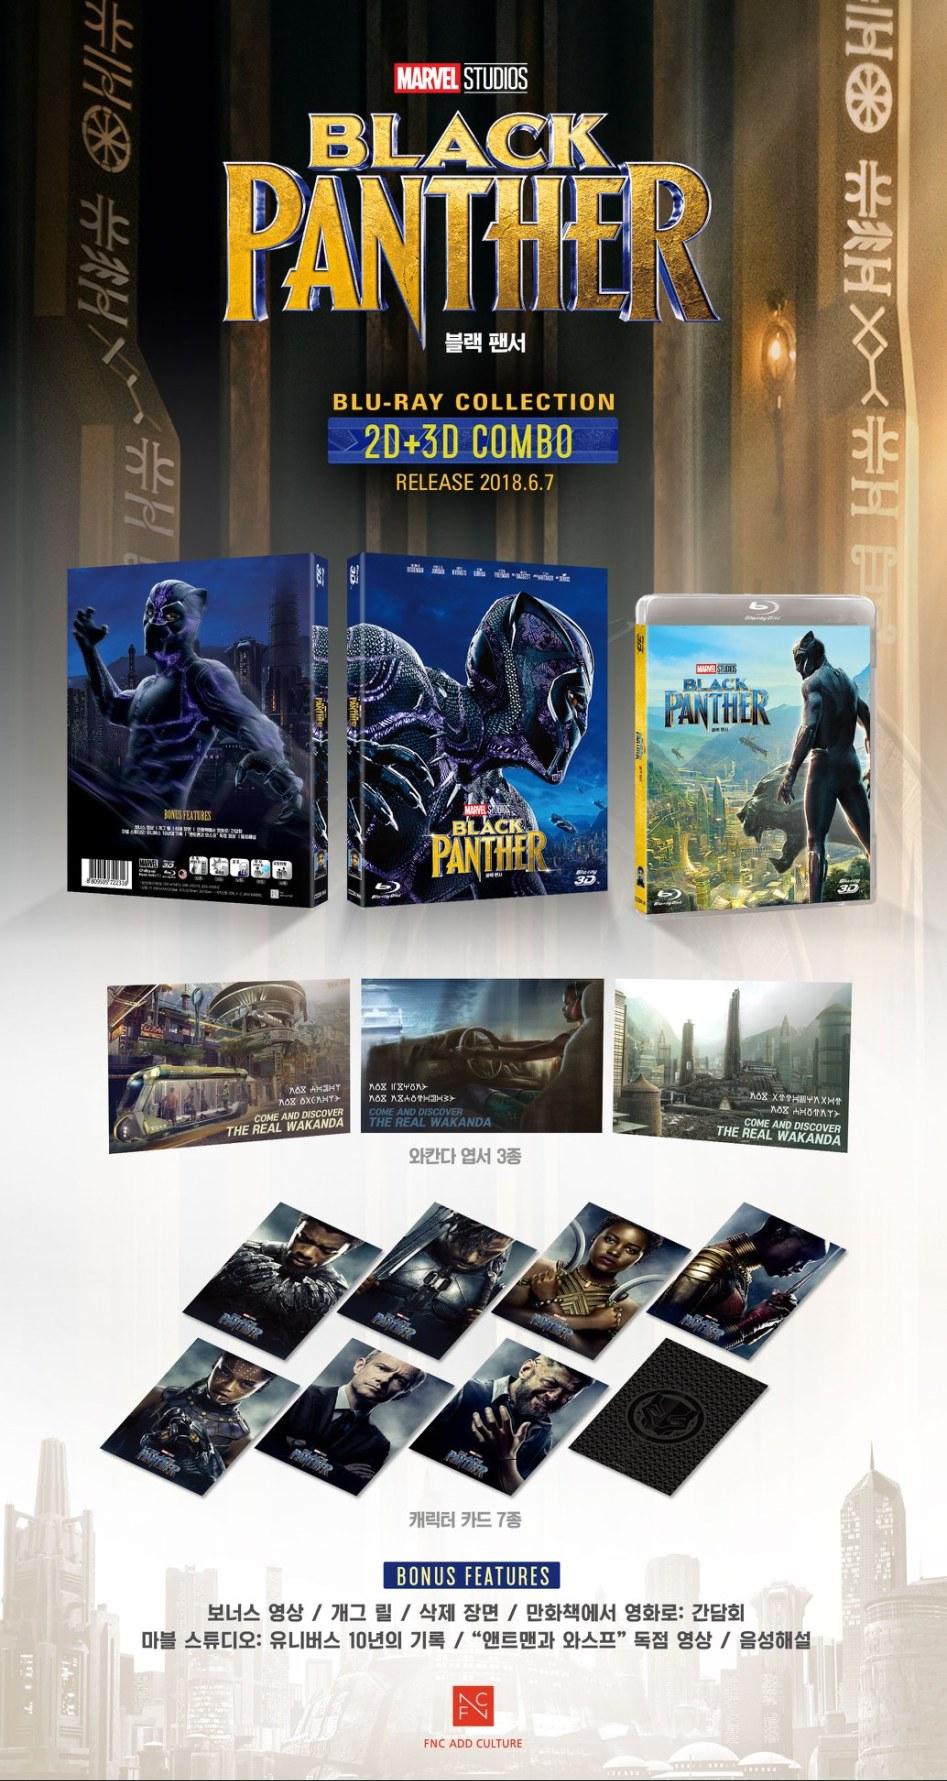 ブラックパンサー 韓国 3D+2D Black Panther Korea steelbook